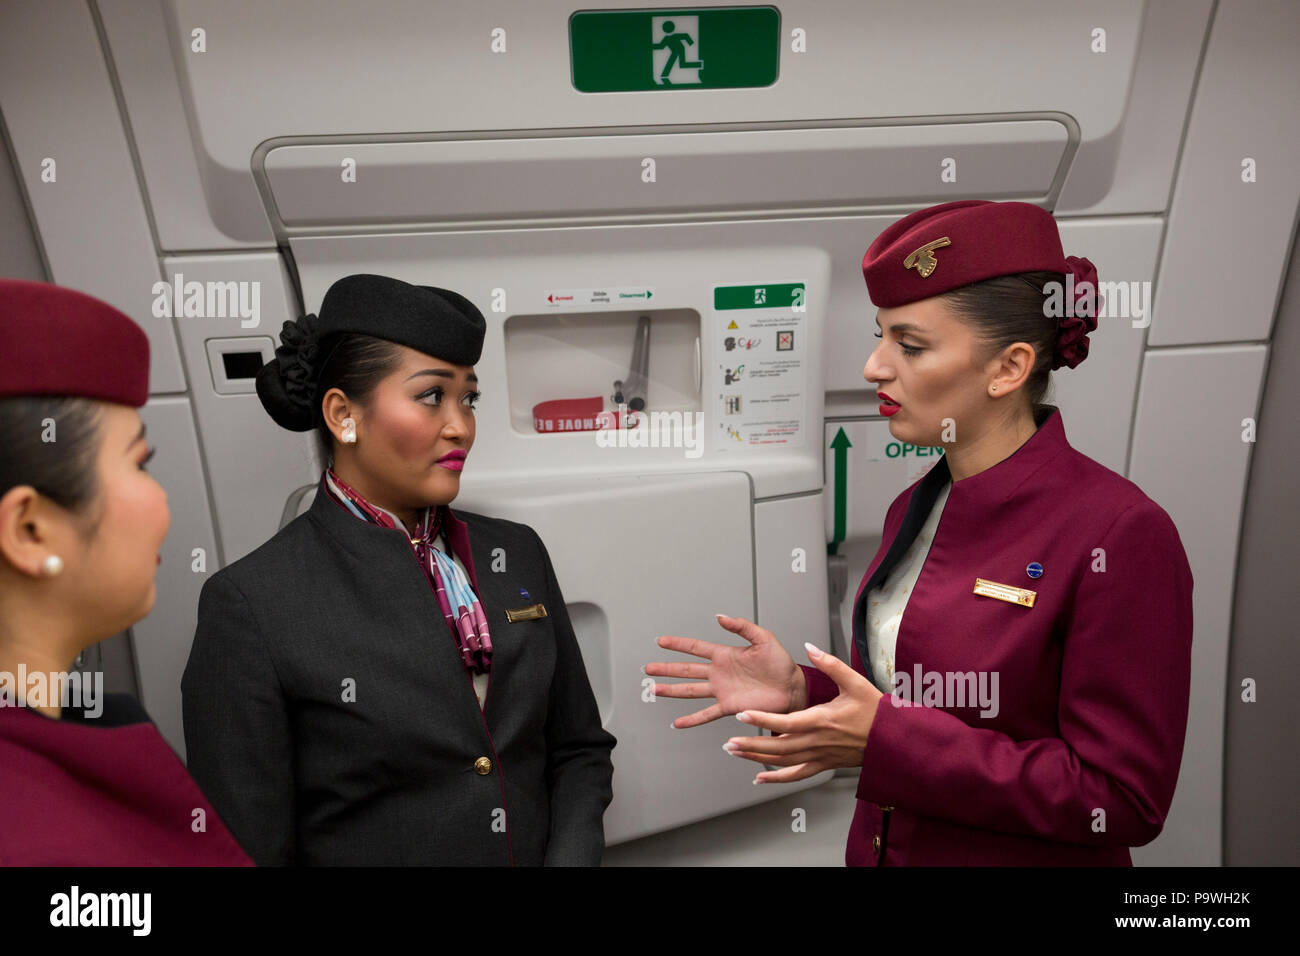 qatar-airways-cabin-crew-in-an-airbus-a3